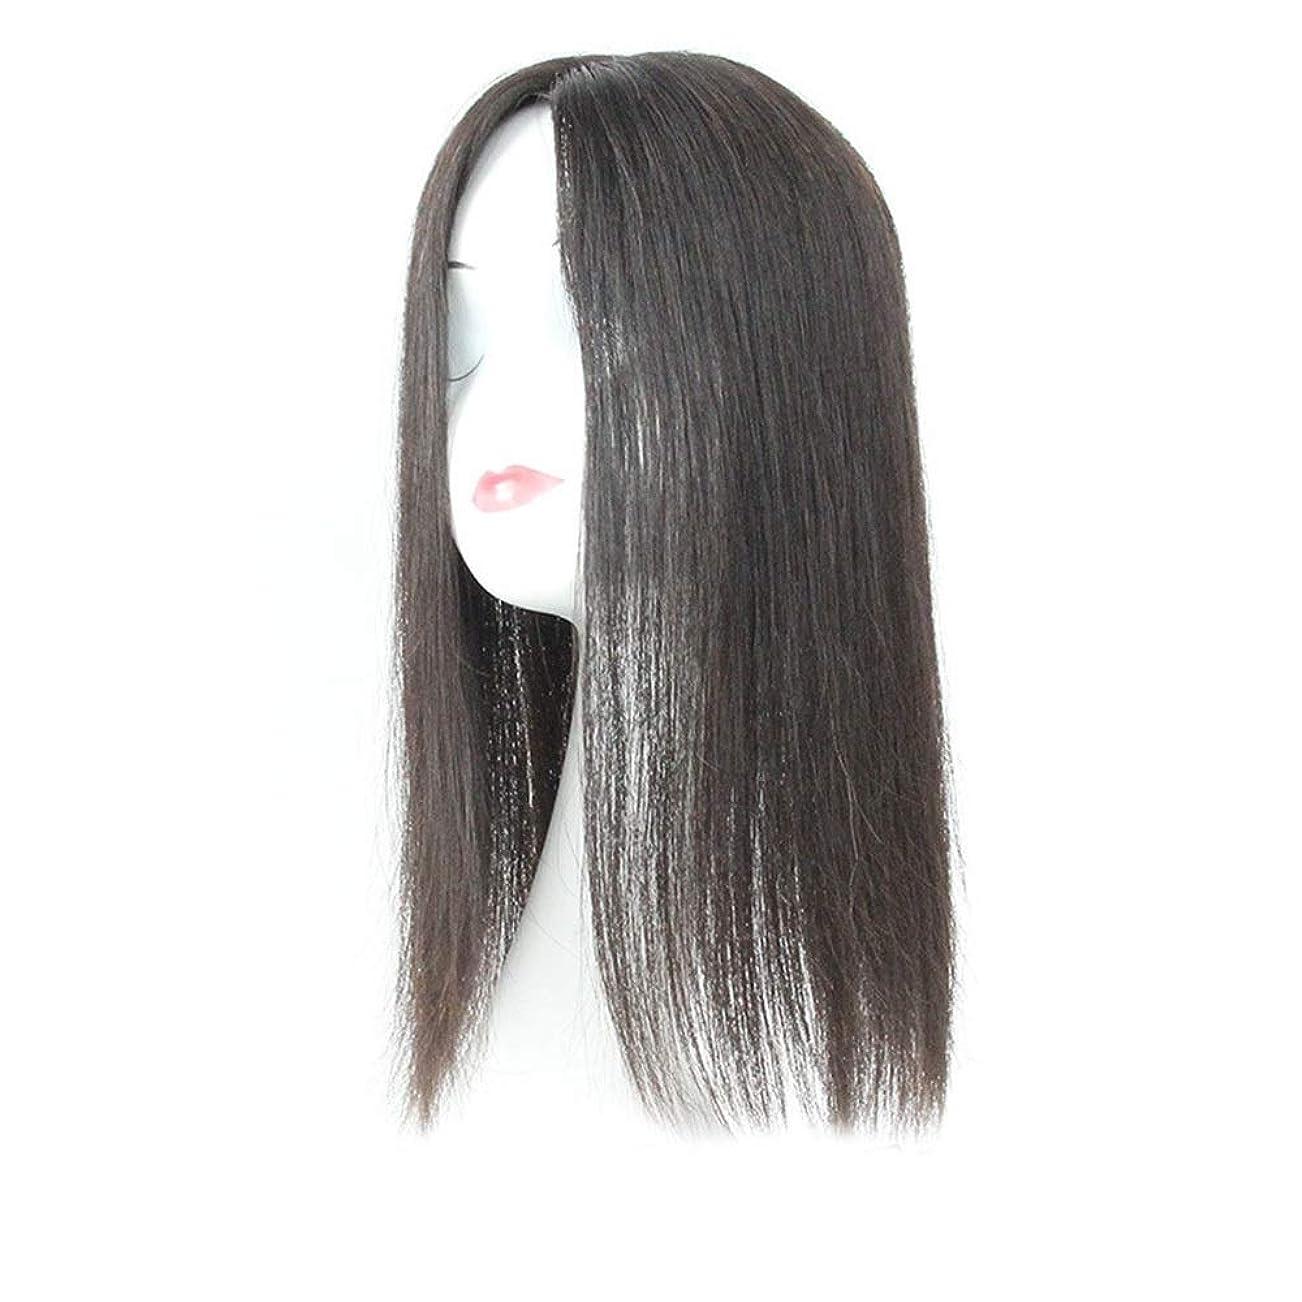 息子高速道路バランスBOBIDYEE 白髪党かつらをカバーするための本物の髪ふわふわかつらの女性の長いストレートヘアピンクリップ (色 : Natural black, サイズ : 20cm)